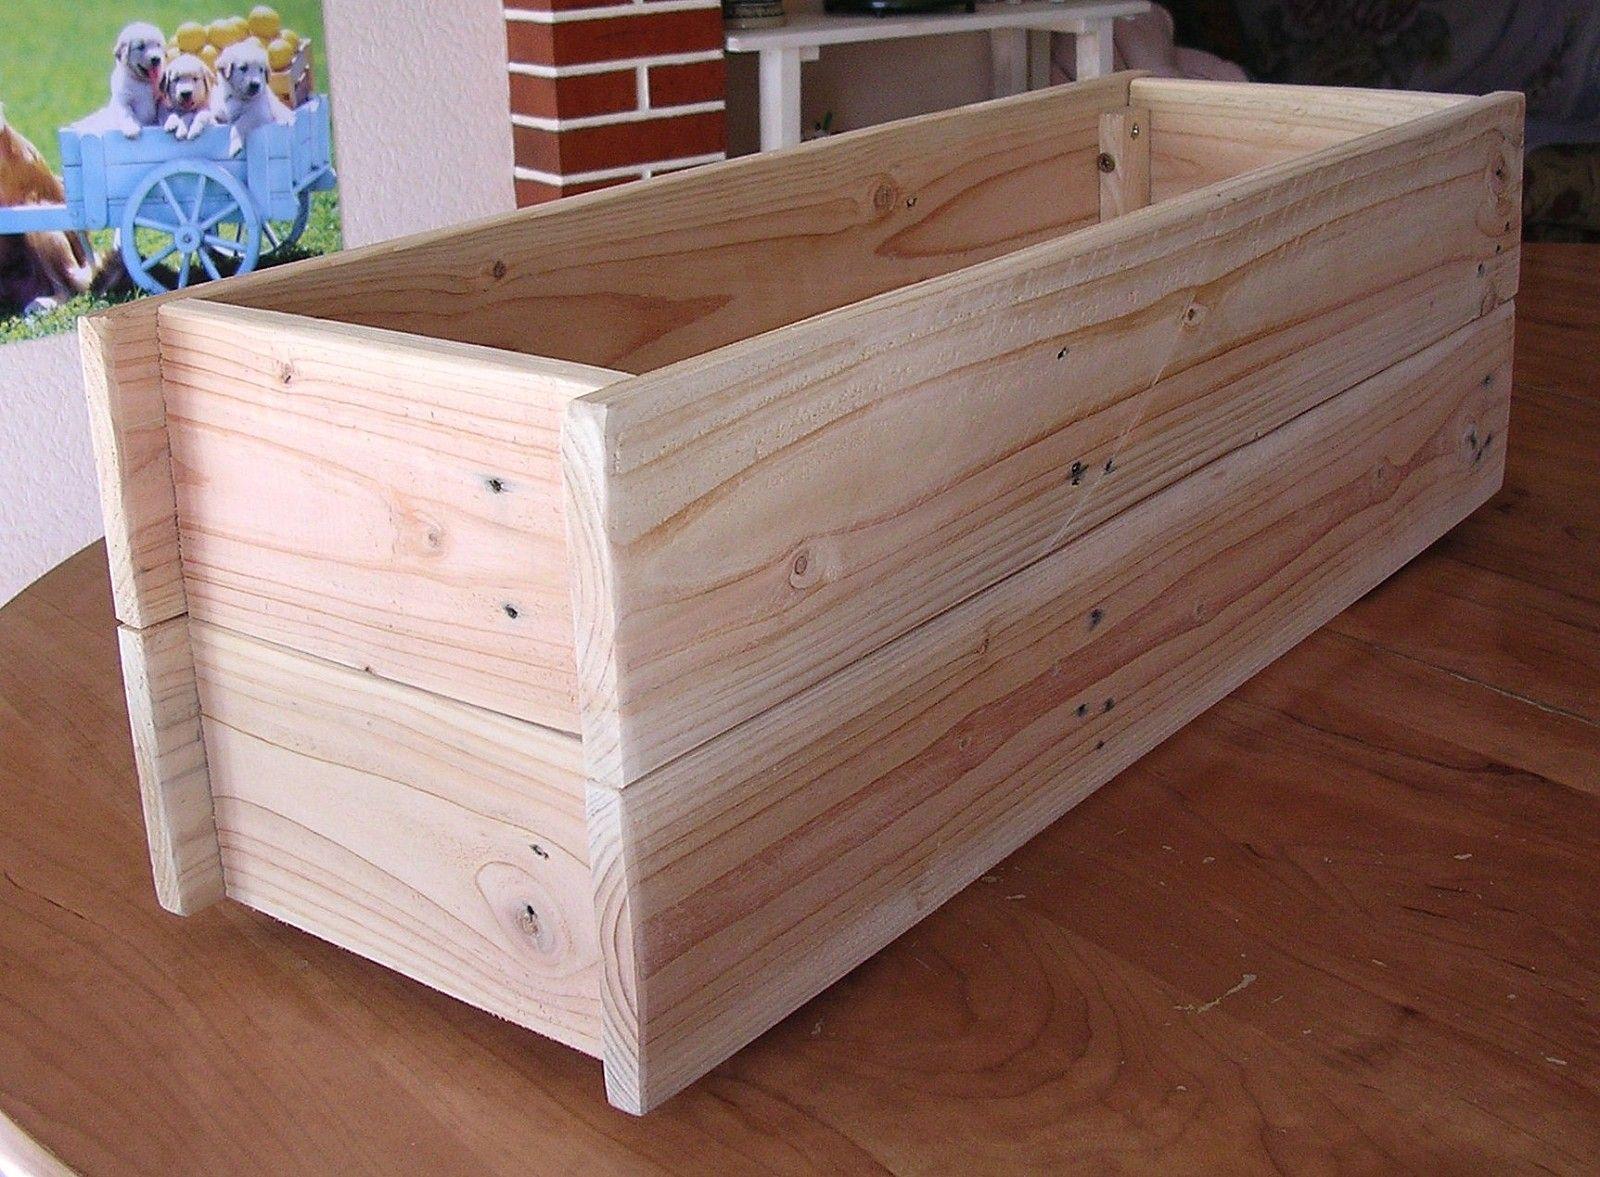 fabrication d 39 une jardini re avec une palette en bois article am nagement. Black Bedroom Furniture Sets. Home Design Ideas